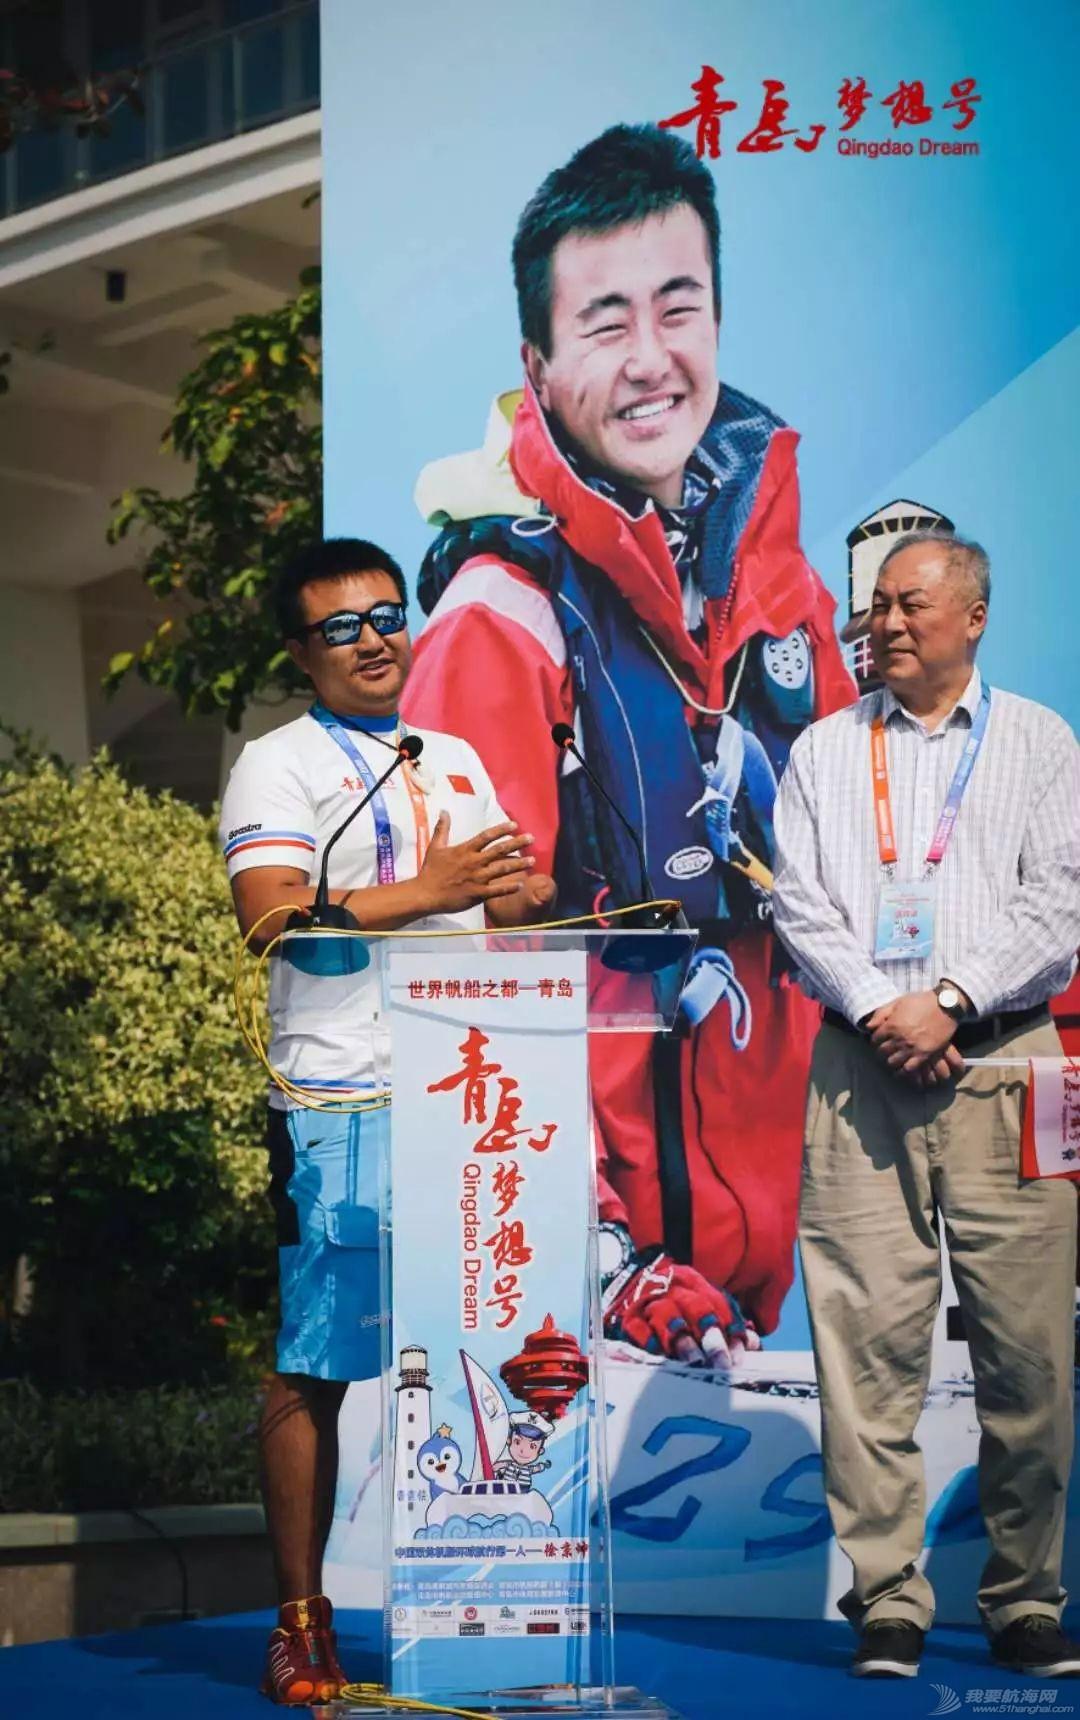 远航就是为了回家,青岛梦想号环球航行再度启航w24.jpg